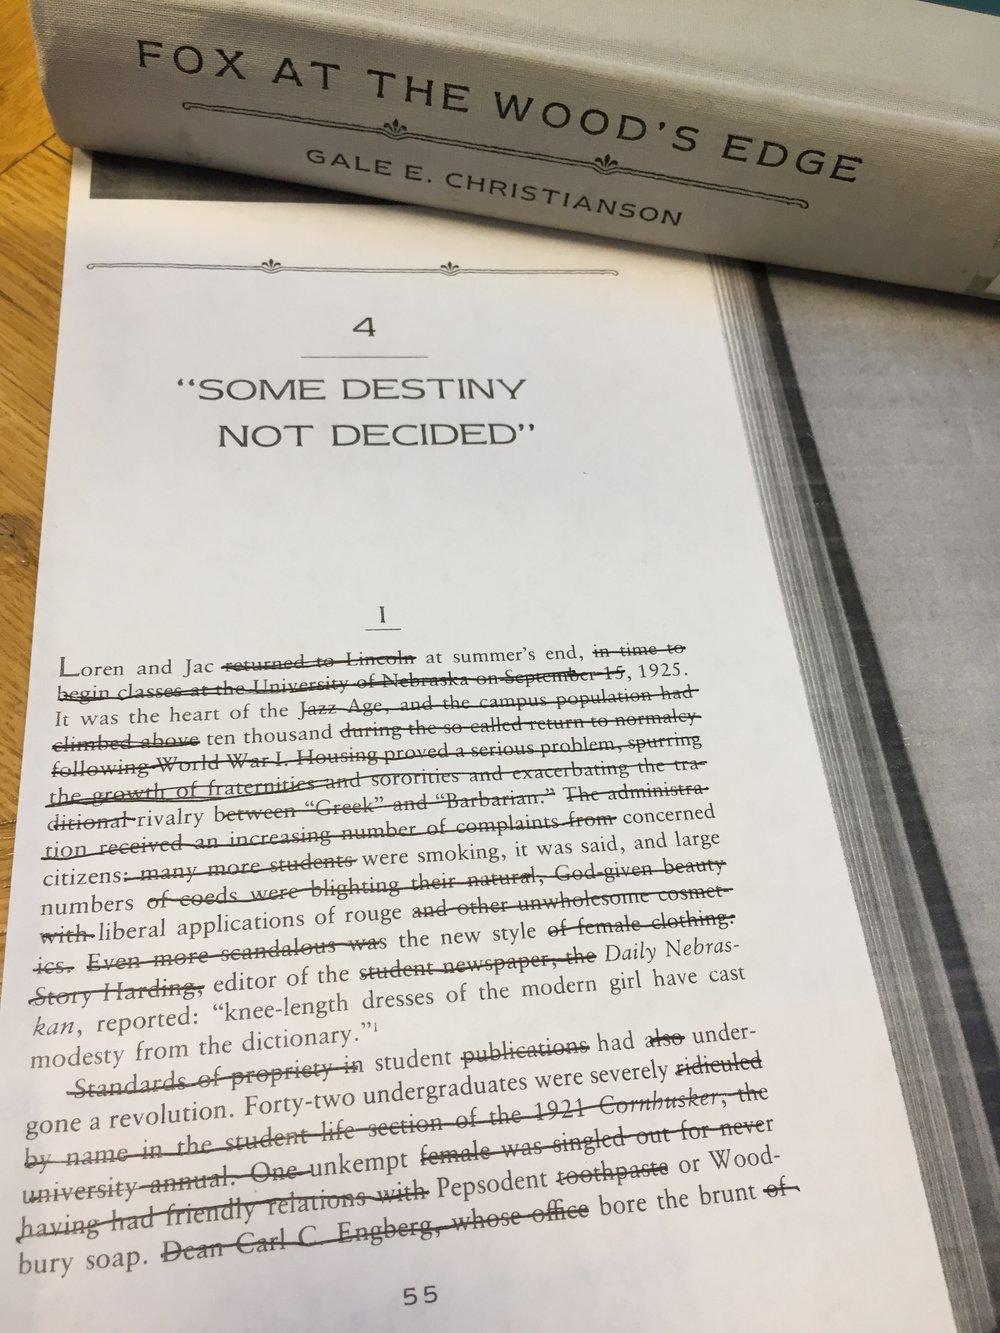 erasure_some destiny not decided.JPG